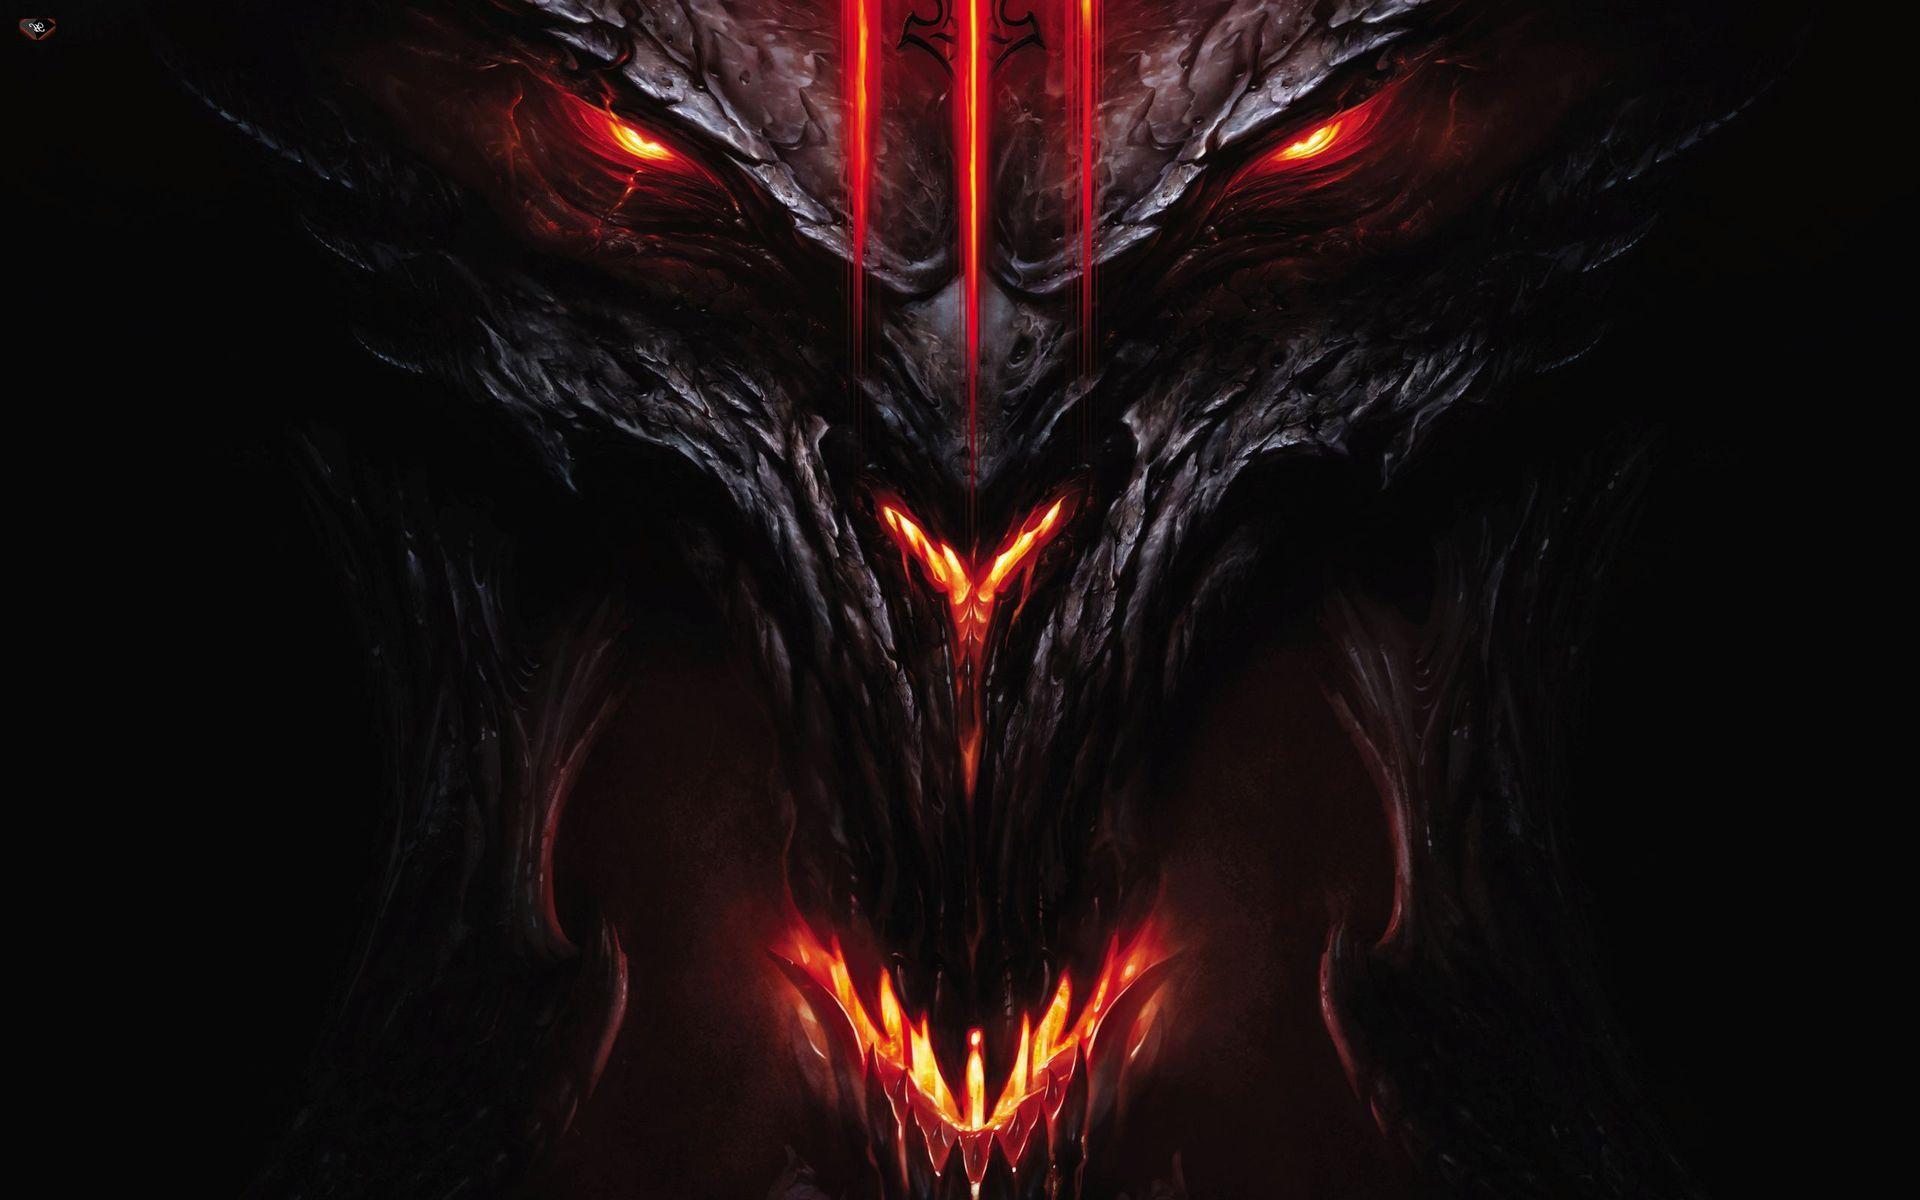 Diablo III Wallpaper 12668 Scary wallpaper, Skull